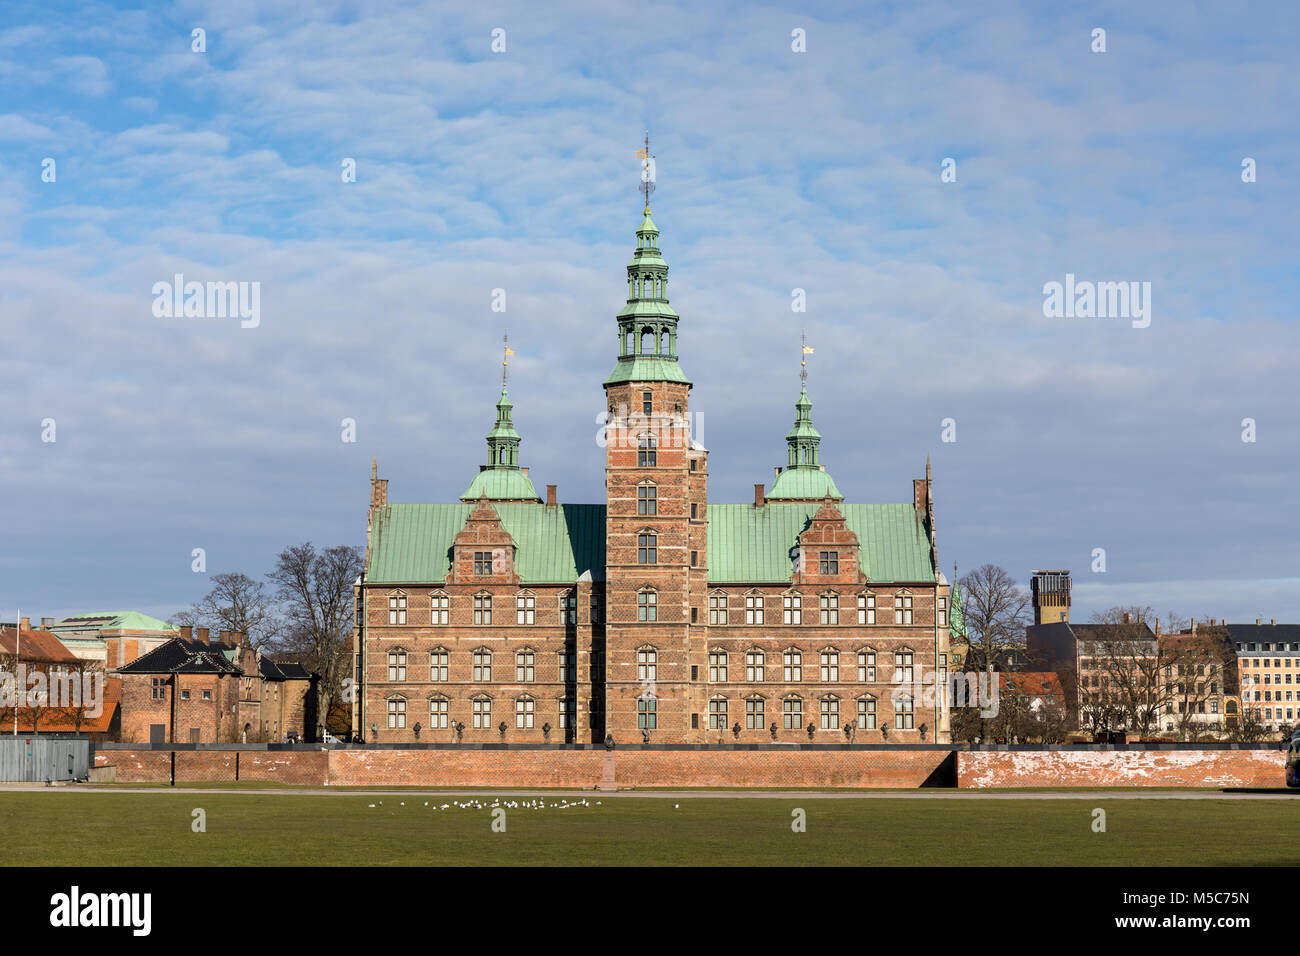 Rosenborg Castle (Danish: Rosenborg Slot), Copenhagen, Denmark - Stock Image